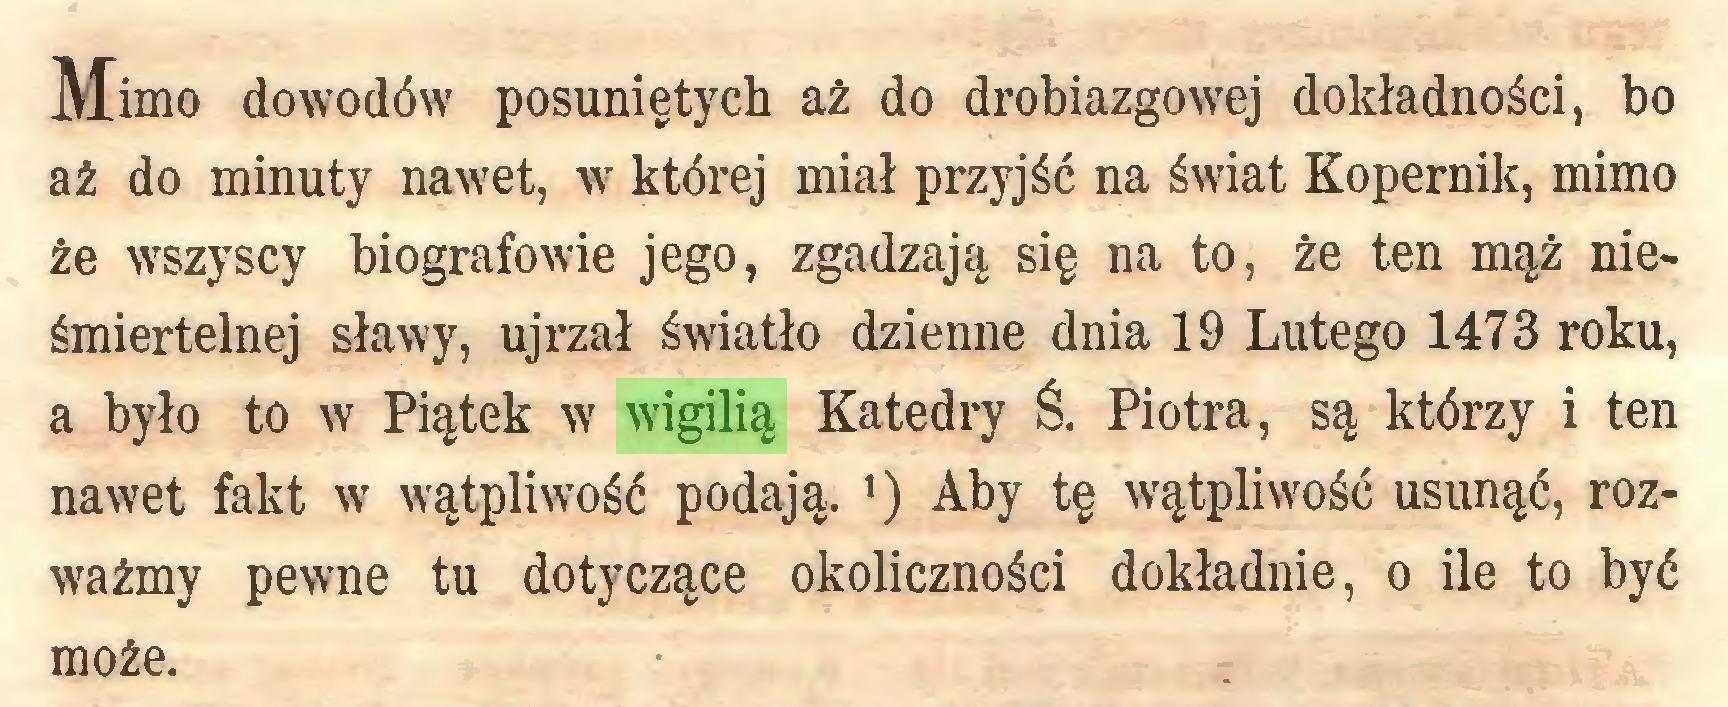 (...) Mimo dowodów posuniętych aż do drobiazgowej dokładności, bo aż do minuty nawet, w której miał przyjść na świat Kopernik, mimo że wszyscy biografowie jego, zgadzają, się na to, że ten mąż nieśmiertelnej sławy, ujrzał światło dzienne dnia 19 Lutego 1473 roku, a było to w Piątek w wigilią Katedry Ś. Piotra, są którzy i ten nawet fakt w wątpliwość podają. ') Aby tę wątpliwość usunąć, rozważmy pewne tu dotyczące okoliczności dokładnie, o ile to być może...